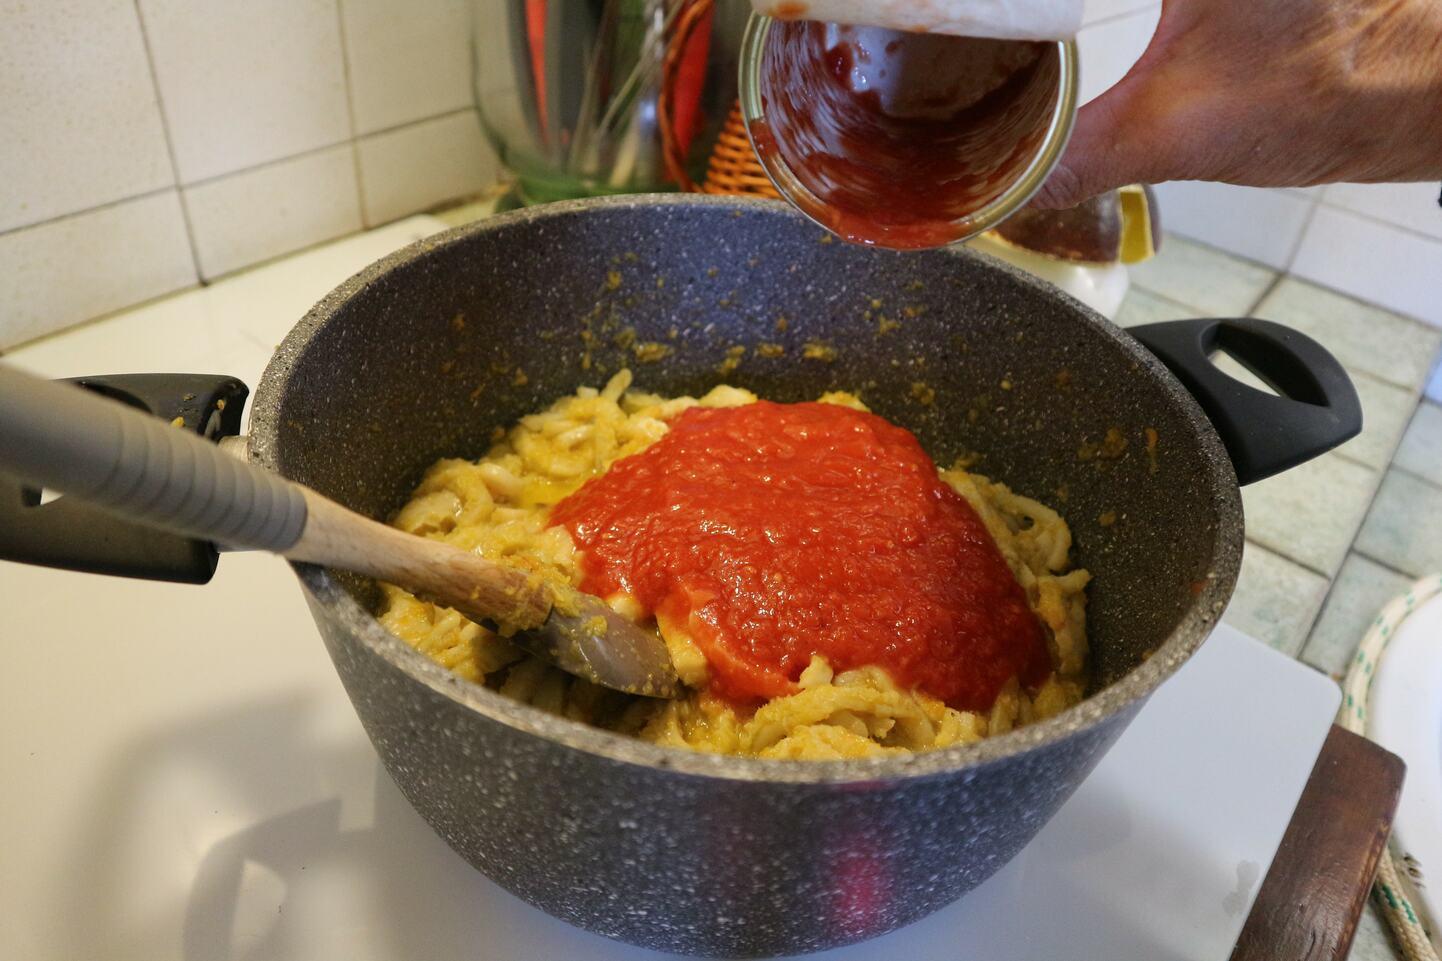 トマト缶と塩こしょうを加えたトリッパ